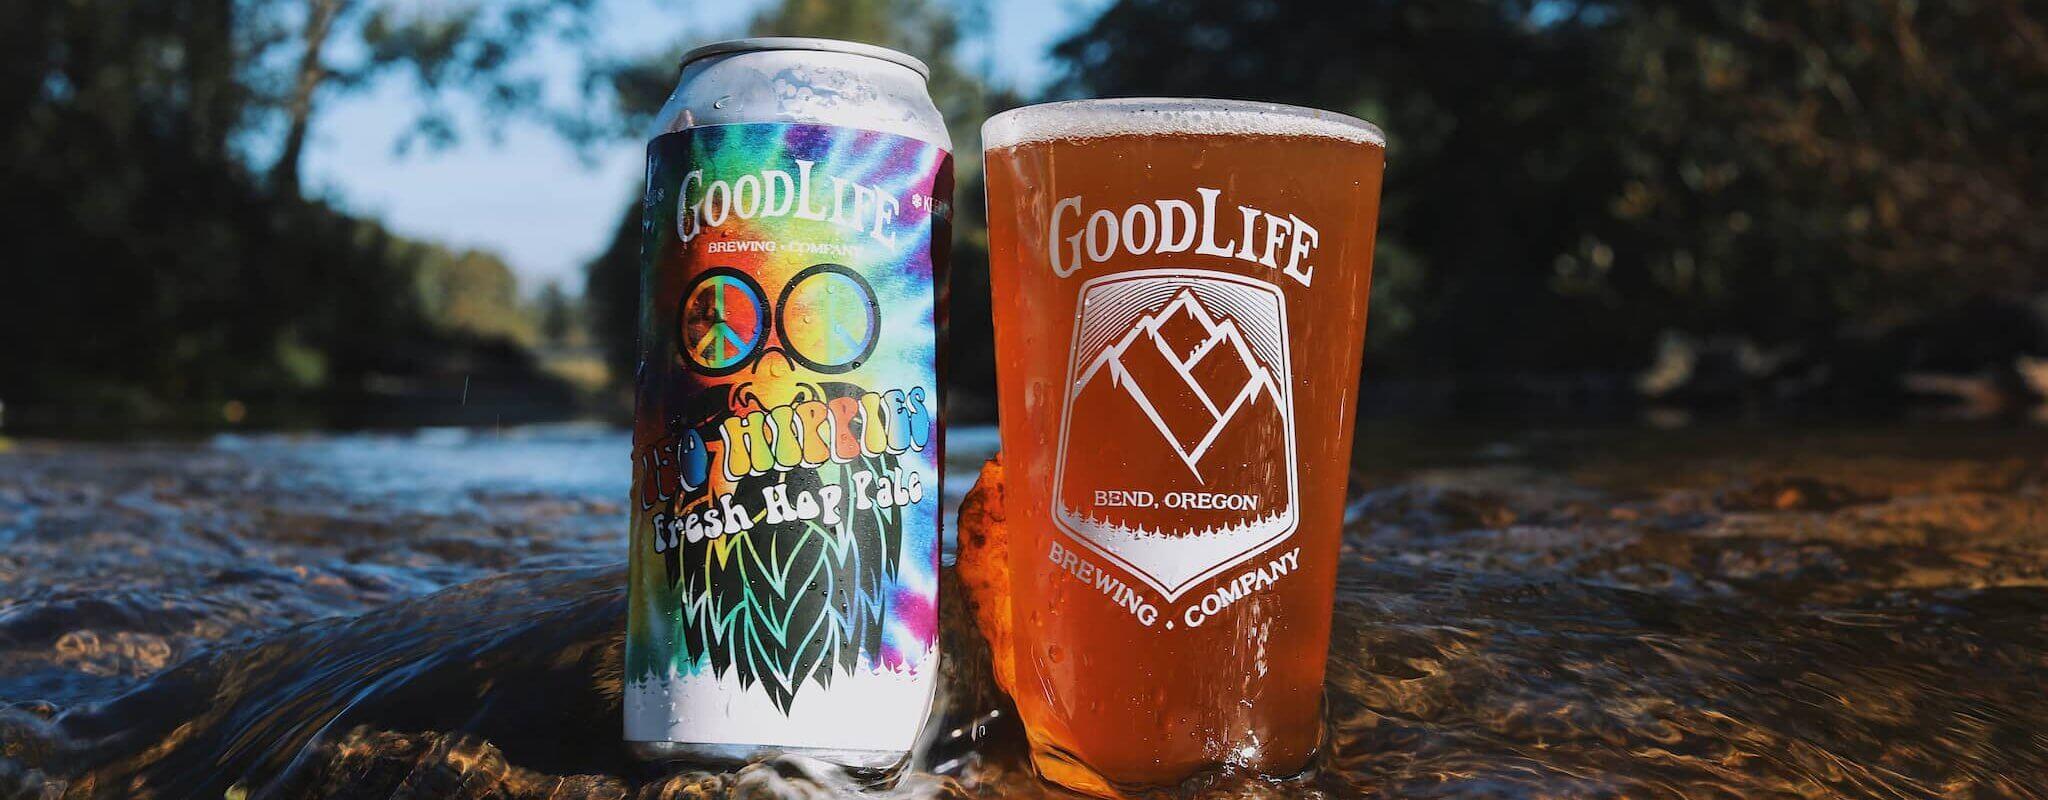 150 Hippies Beer 2021